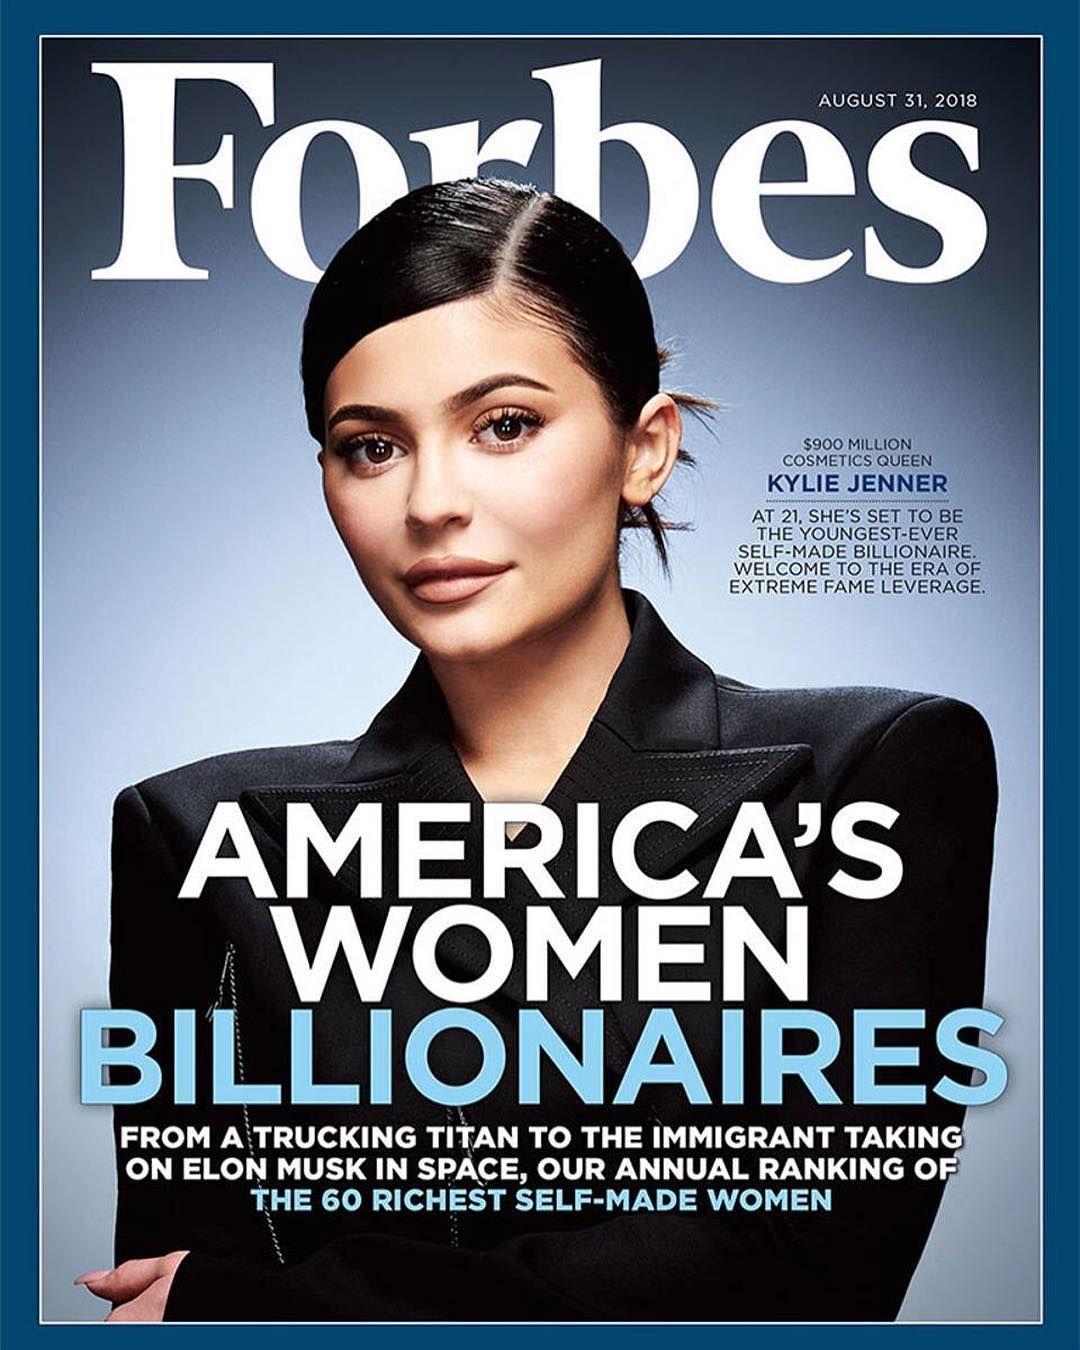 Manipulasi Jumlah Kekayaan, Forbes Cabut Gelar Miliarder Kylie Jenner?